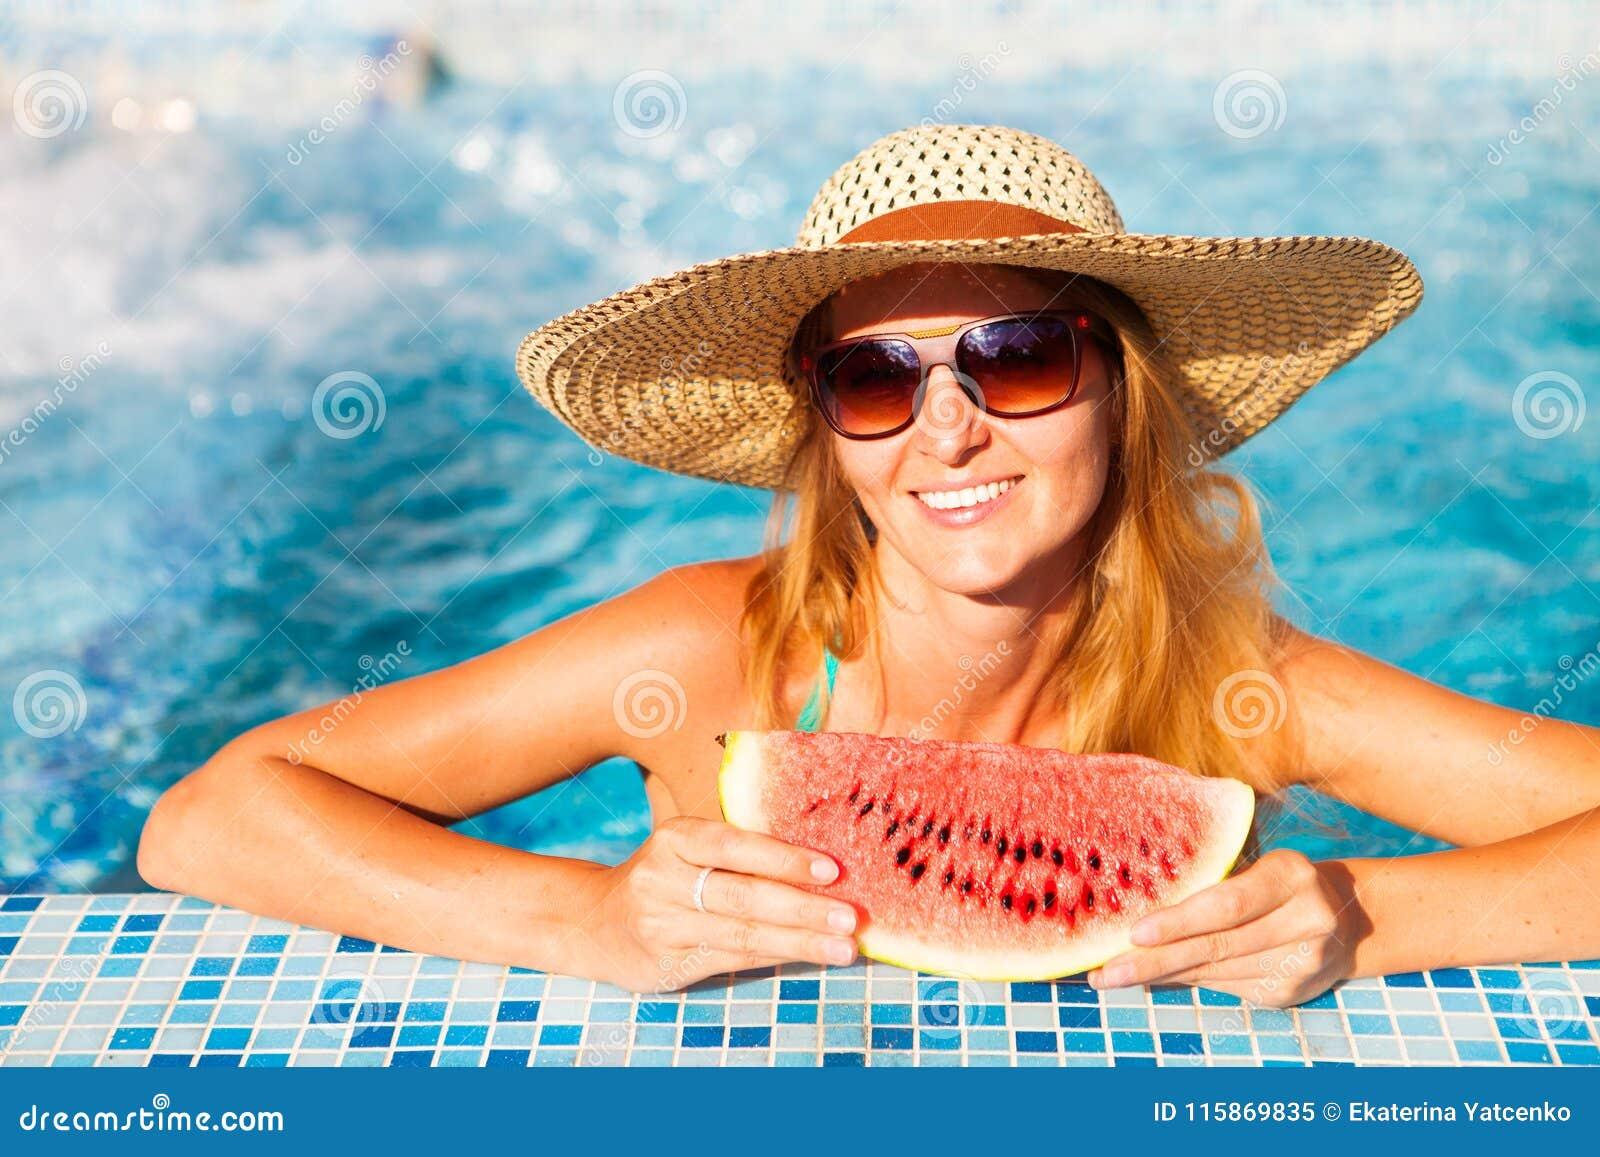 En flicka rymmer halva en röd vattenmelon över en blå pöl, avslappnande nolla